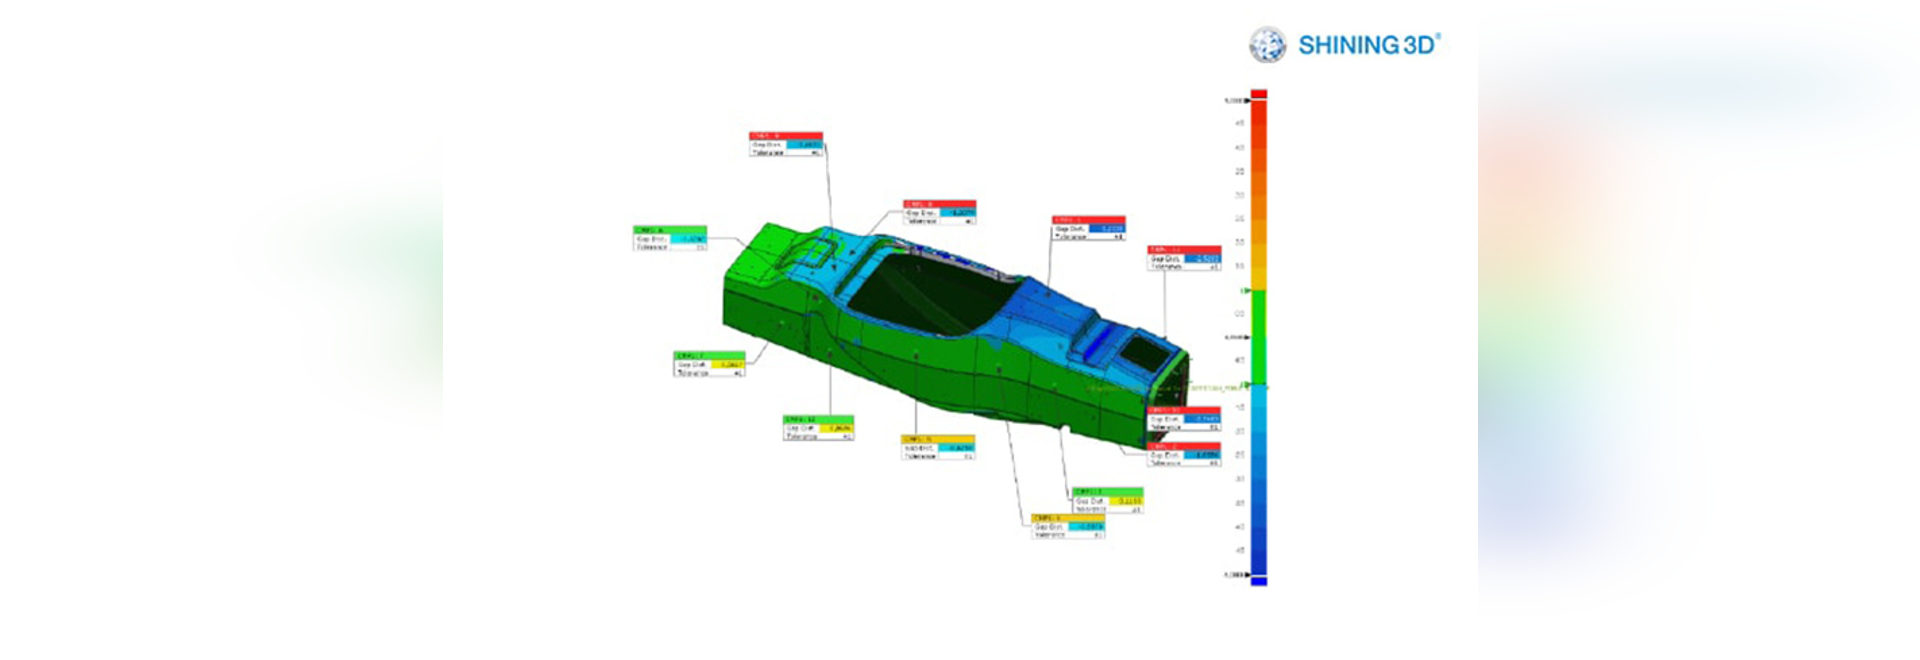 Bestimmung der Genauigkeit des DHBW-Monocoques mit FreeScan X5